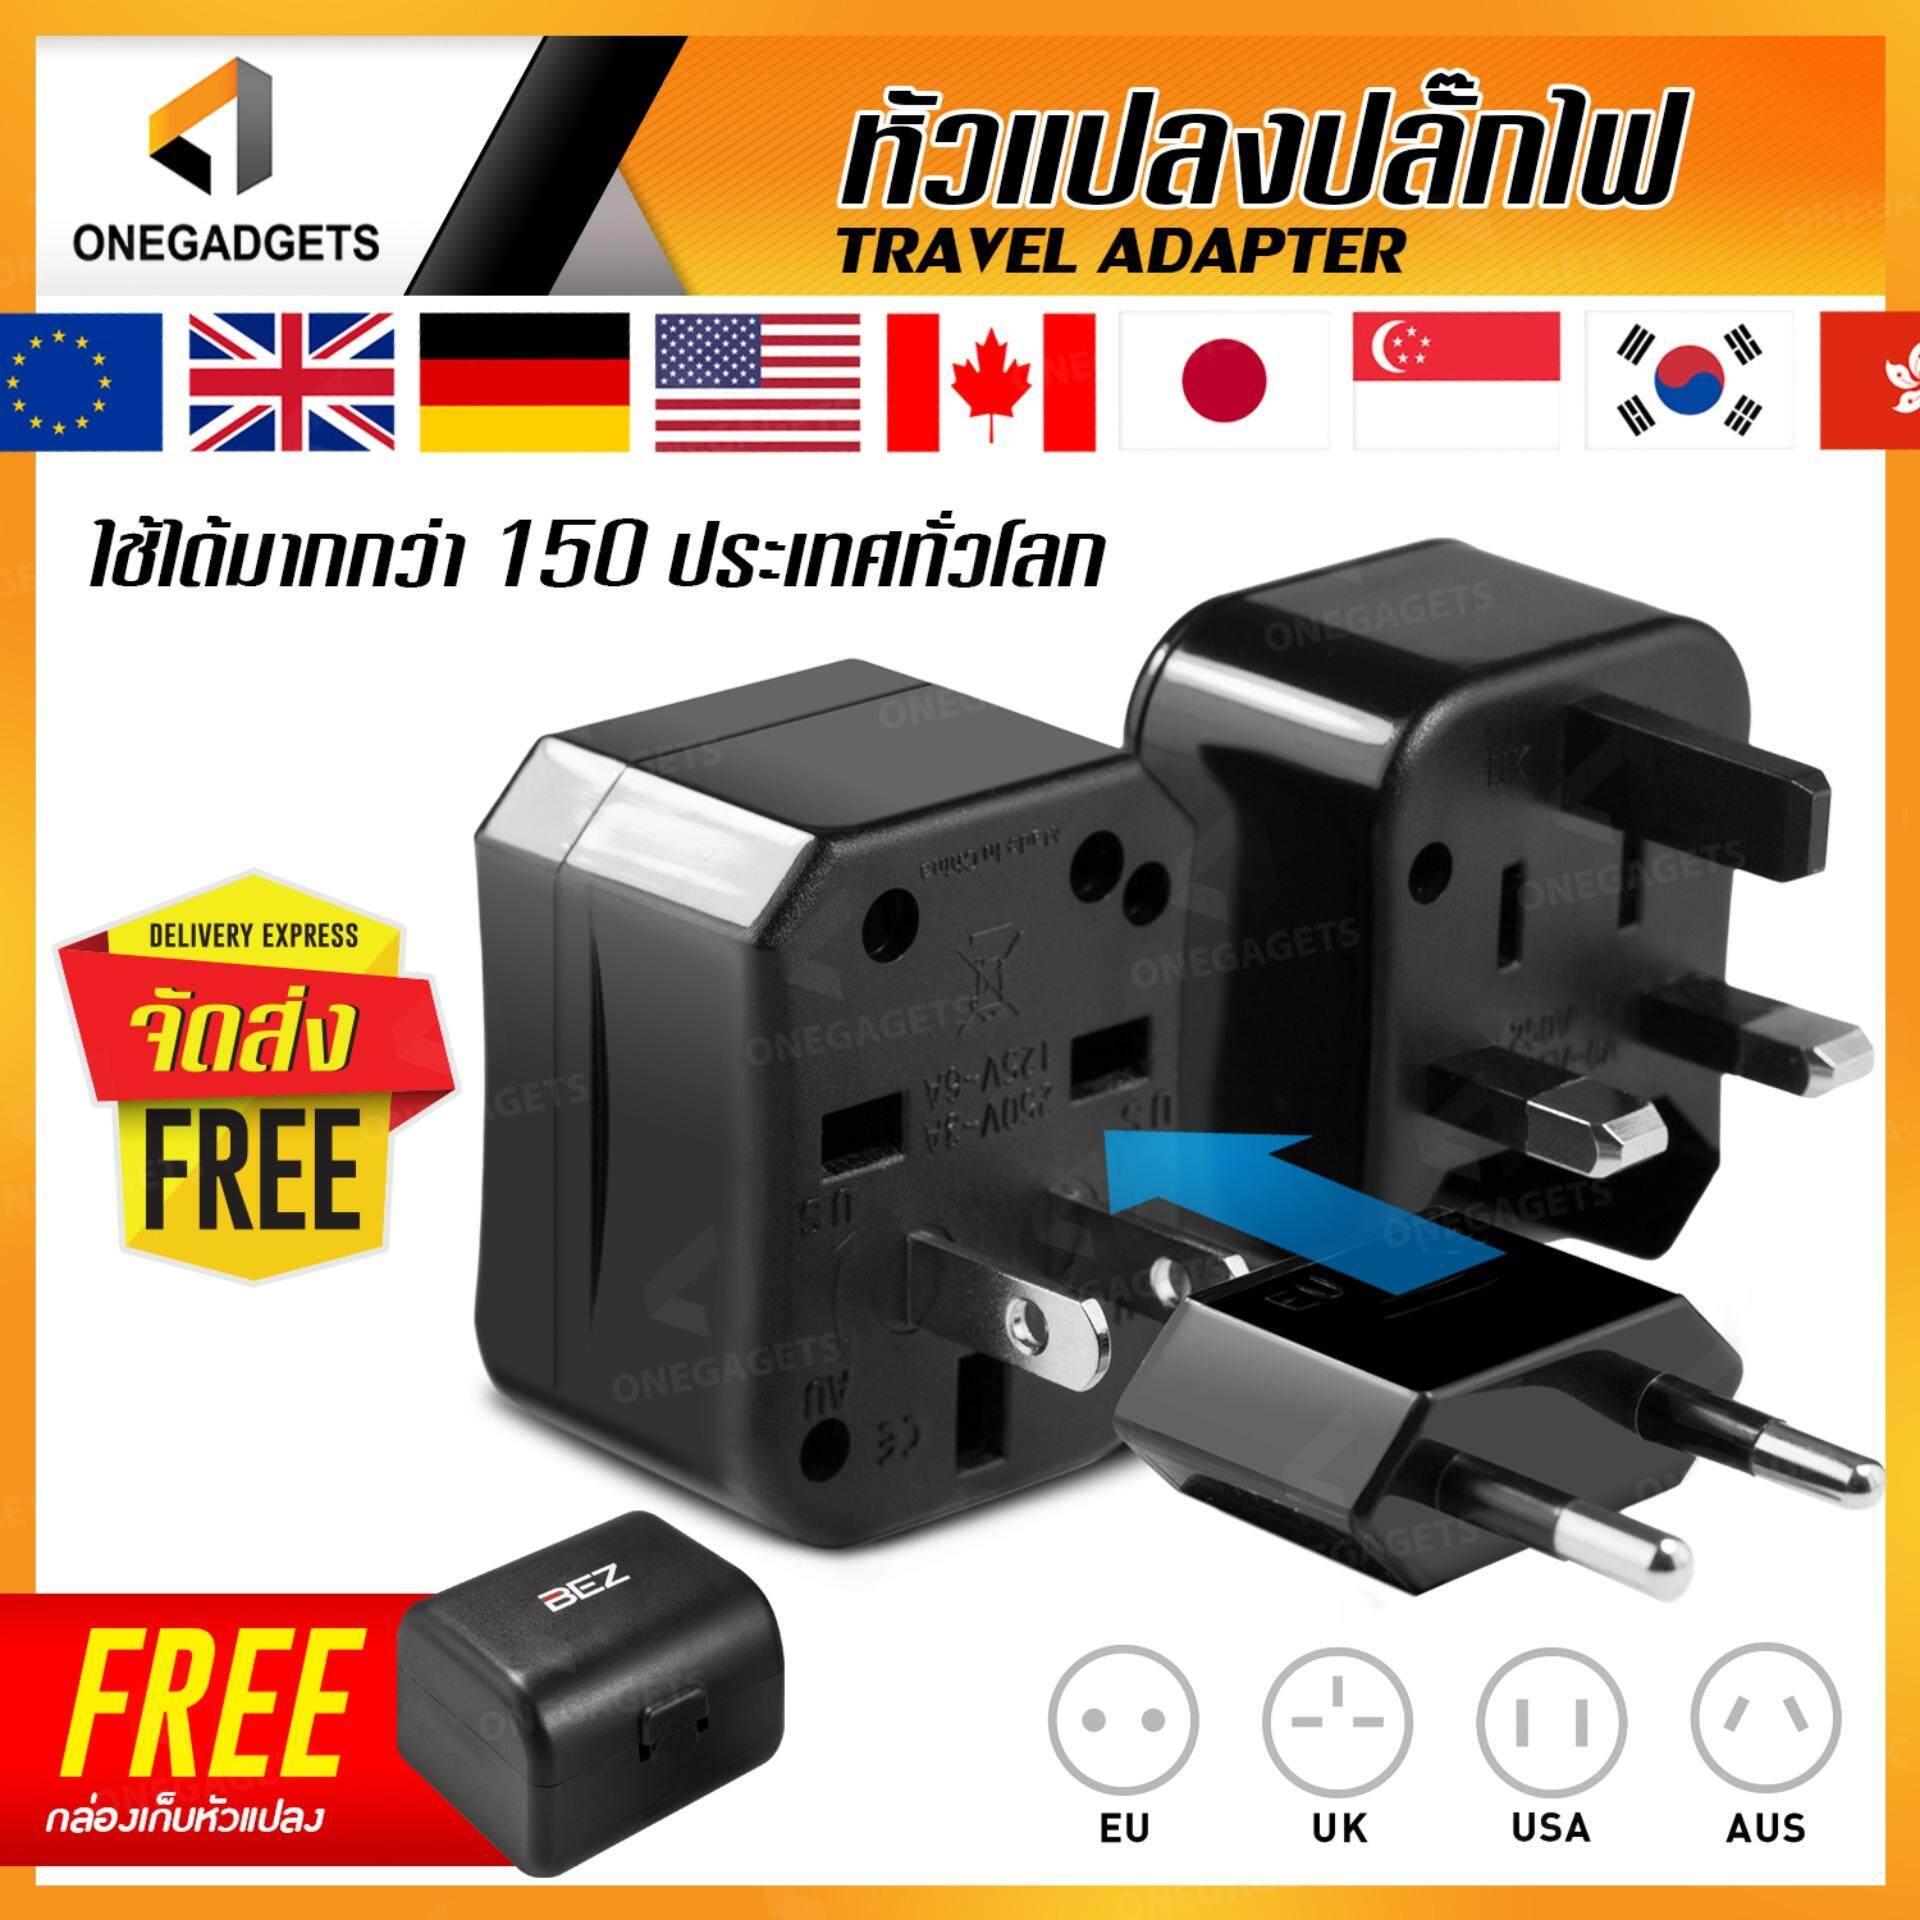 หัวแปลงปลั๊กไฟ หัวแปลง ปลั๊กไฟ เอนกประสงค์ Bez Universal Plug Travel Adapter หัวปลั๊กเกาหลี หัวปลั๊กยุโรป ปลั๊ก อุปกรณ์การเดินทางต่างประเทศ (เกาหลี, ญี่ปุ่น, อังกฤษ, อเมริกา, ยุโรป) // Ad-Ua2bx.